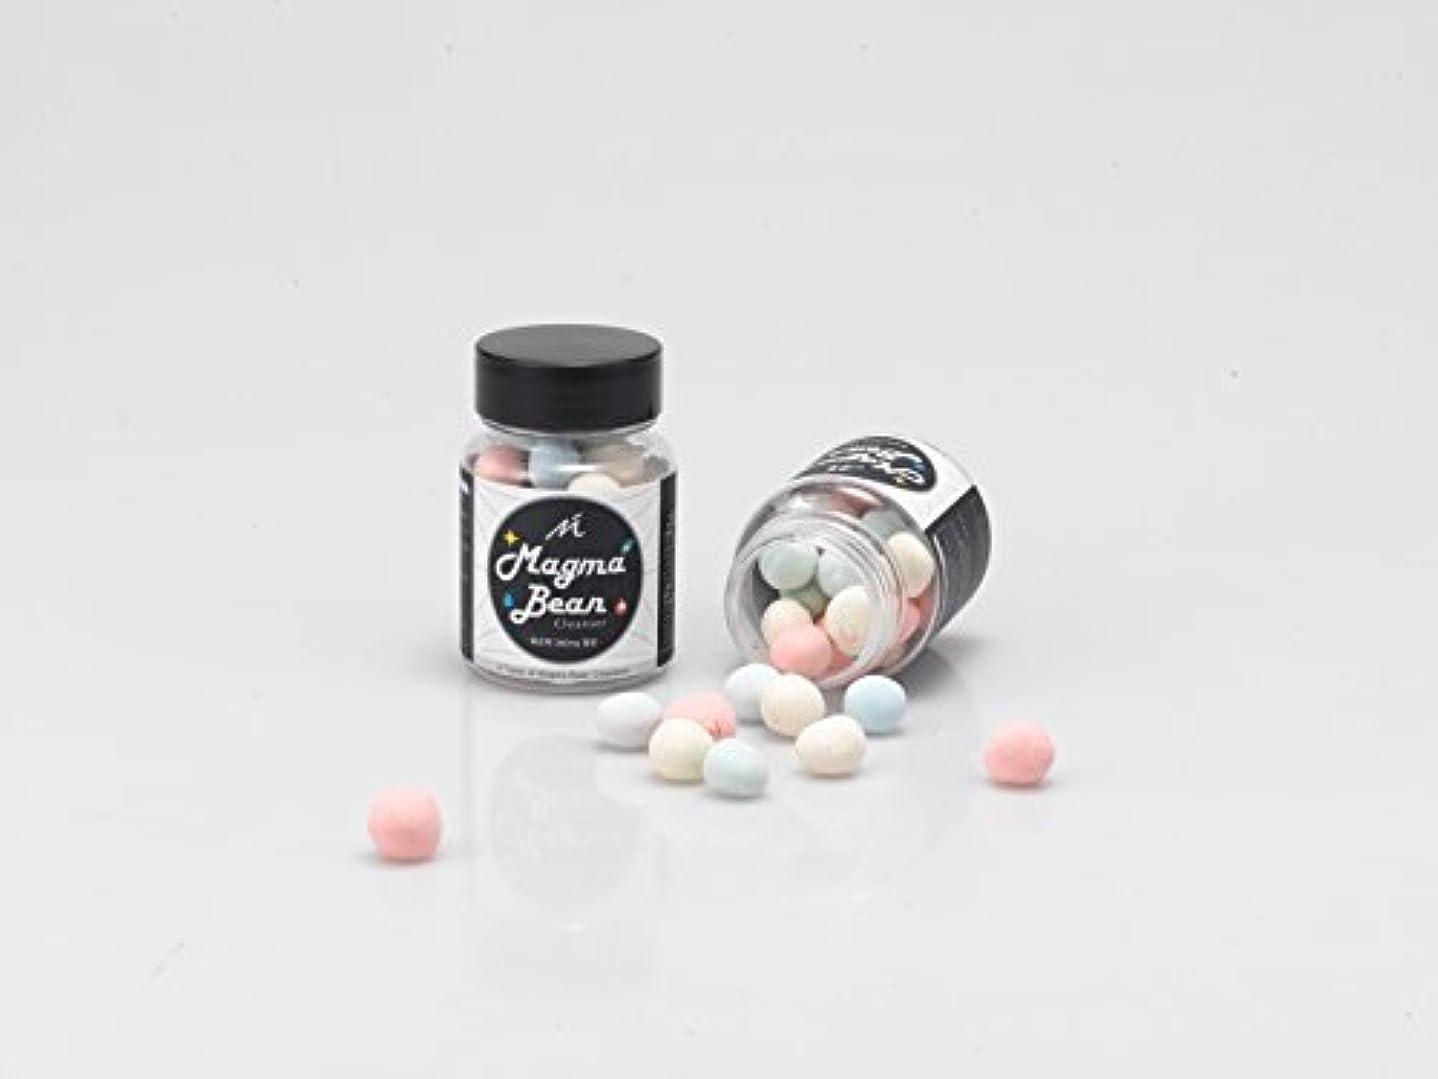 損なう瞑想する帆NMC マグマ ビーン ソリッド ソープ/Magma Bean Solid Soap (34g) [並行輸入品]